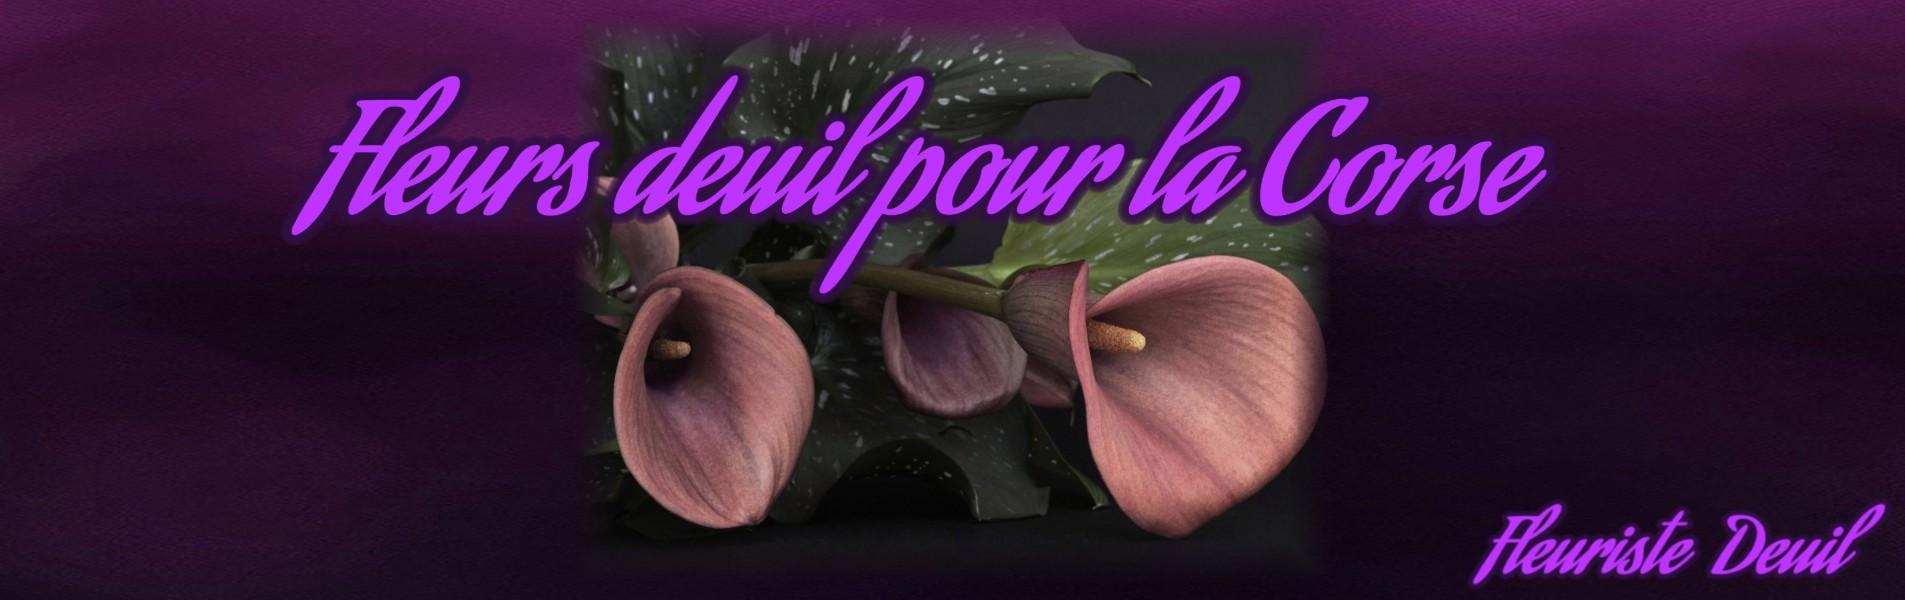 FLEURS DE DEUIL POUR LA CORSE. fleurs deuil Afa, fleurs deuil Ajaccio, fleurs deuil Alata, fleurs deuil Albitreccia, fleurs deuil Altagène, fleurs deuil Ambiegna, fleurs deuil Appietto, fleurs deuil Arbellara, fleurs deuil Arbori, fleurs deuil Argiusta-Moriccio, fleurs deuil Arro, fleurs deuil Aullène, fleurs deuil Azilone-Ampaza, fleurs deuil Azzana, fleurs deuil Balogna, fleurs deuil Bastelica, fleurs deuil Bastelicaccia, fleurs deuil Belvédère-Campomoro, fleurs deuil Bilia, fleurs deuil Bocognano, fleurs deuil Bonifacio, fleurs deuil Calcatoggio, fleurs deuil Campo, fleurs deuil Cannelle, fleurs deuil Carbini, fleurs deuil Carbuccia, fleurs deuil Cardo-Torgia, fleurs deuil Cargèse, fleurs deuil Cargiaca, fleurs deuil Casaglione, fleurs deuil Casalabriva, fleurs deuil Cauro, fleurs deuil Ciamannacce, fleurs deuil Coggia, fleurs deuil Cognocoli-Monticchi, fleurs deuil Conca, fleurs deuil Corrano, fleurs deuil Coti-Chiavari, fleurs deuil Cozzano, fleurs deuil Cristinacce, fleurs deuil Cuttoli-Corticchiato, fleurs deuil Eccica-Suarella, fleurs deuil Évisa, fleurs deuil Figari, fleurs deuil Foce, fleurs deuil Forciolo, fleurs deuil Fozzano, fleurs deuil Frasseto, fleurs deuil Giuncheto, fleurs deuil Granace, fleurs deuil Grossa, fleurs deuil Grosseto-Prugna, fleurs deuil Guagno, fleurs deuil Guargualé, fleurs deuil Guitera-les-Bains, fleurs deuil Lecci, fleurs deuil Letia, fleurs deuil Levie, fleurs deuil Lopigna, fleurs deuil Loreto-di-Tallano, fleurs deuil Marignana, fleurs deuil Mela, fleurs deuil Moca-Croce, fleurs deuil Monacia-d'Aullène, fleurs deuil Murzo, fleurs deuil Ocana, fleurs deuil Olivese, fleurs deuil Olmeto, fleurs deuil Olmiccia, fleurs deuil Orto, fleurs deuil Osani, fleurs deuil Ota, fleurs deuil Palneca, fleurs deuil Partinello, fleurs deuil Pastricciola, fleurs deuil Peri, fleurs deuil Petreto-Bicchisano, fleurs deuil Piana, fleurs deuil Pianottoli-Caldarello, fleurs deuil Pietrosella, fleurs deuil Pila-Canale, fleurs deuil Poggiolo, fleurs deuil